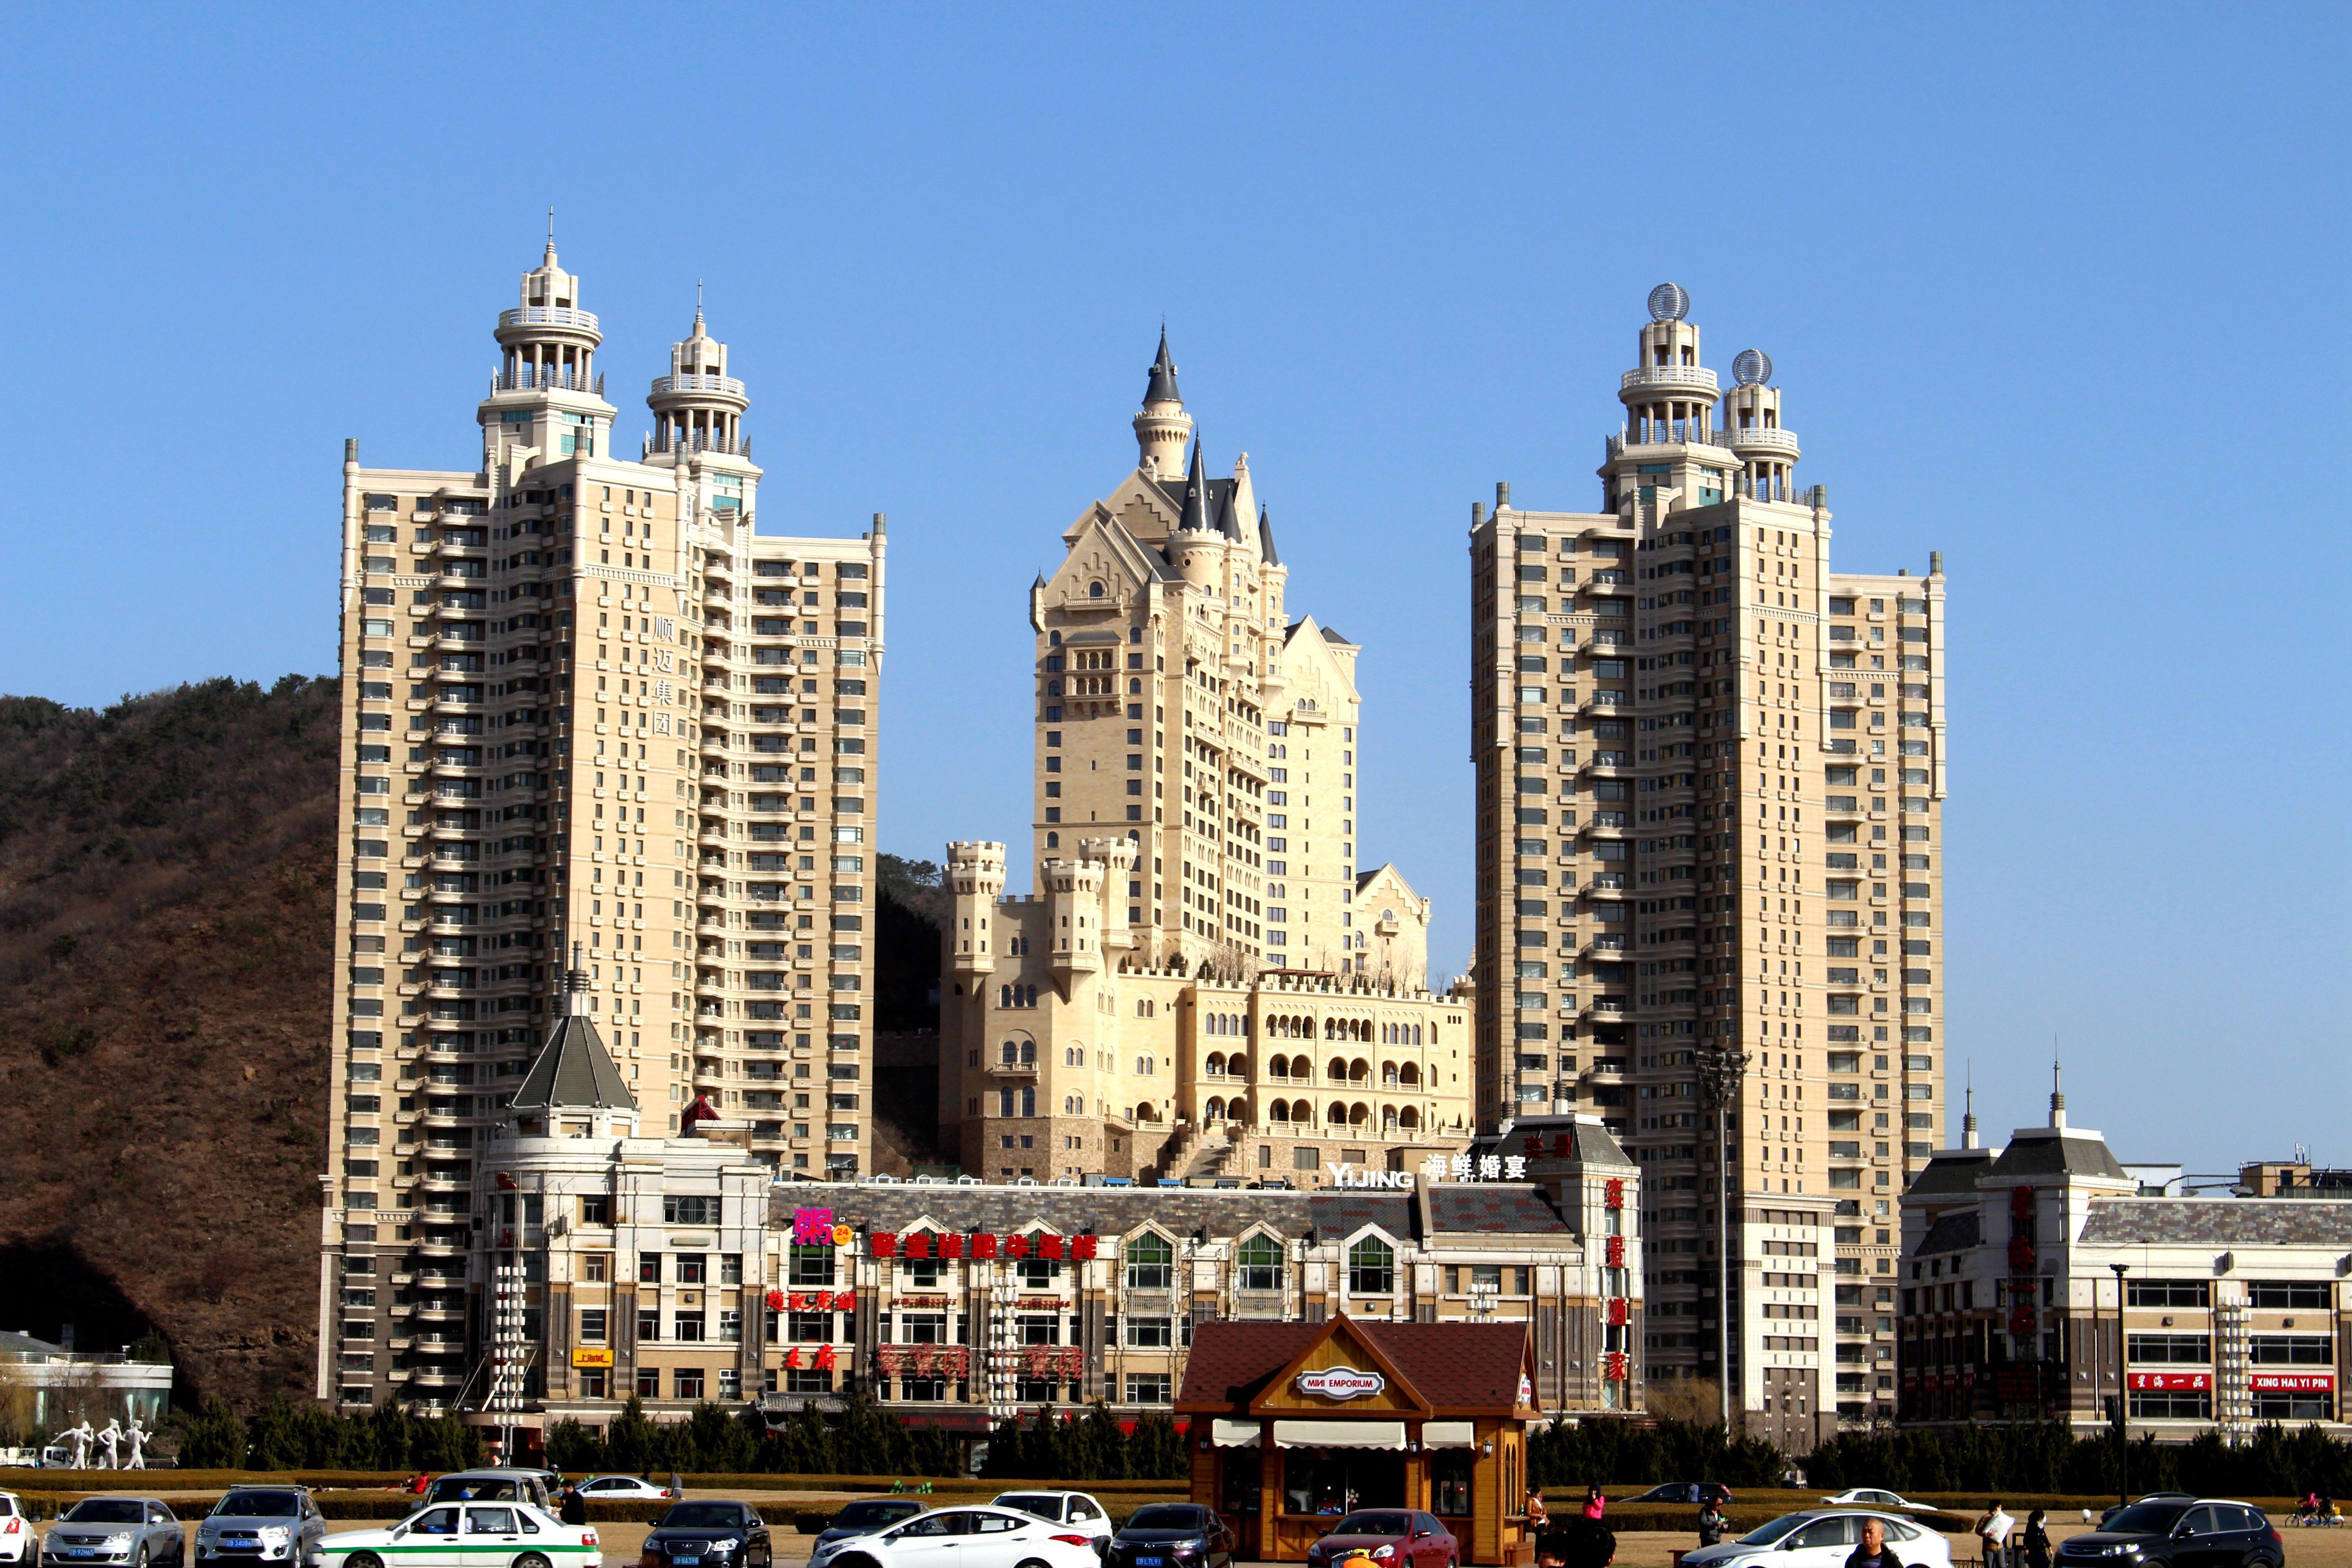 大连星海广场附近酒店图片 2082226 5184x3456